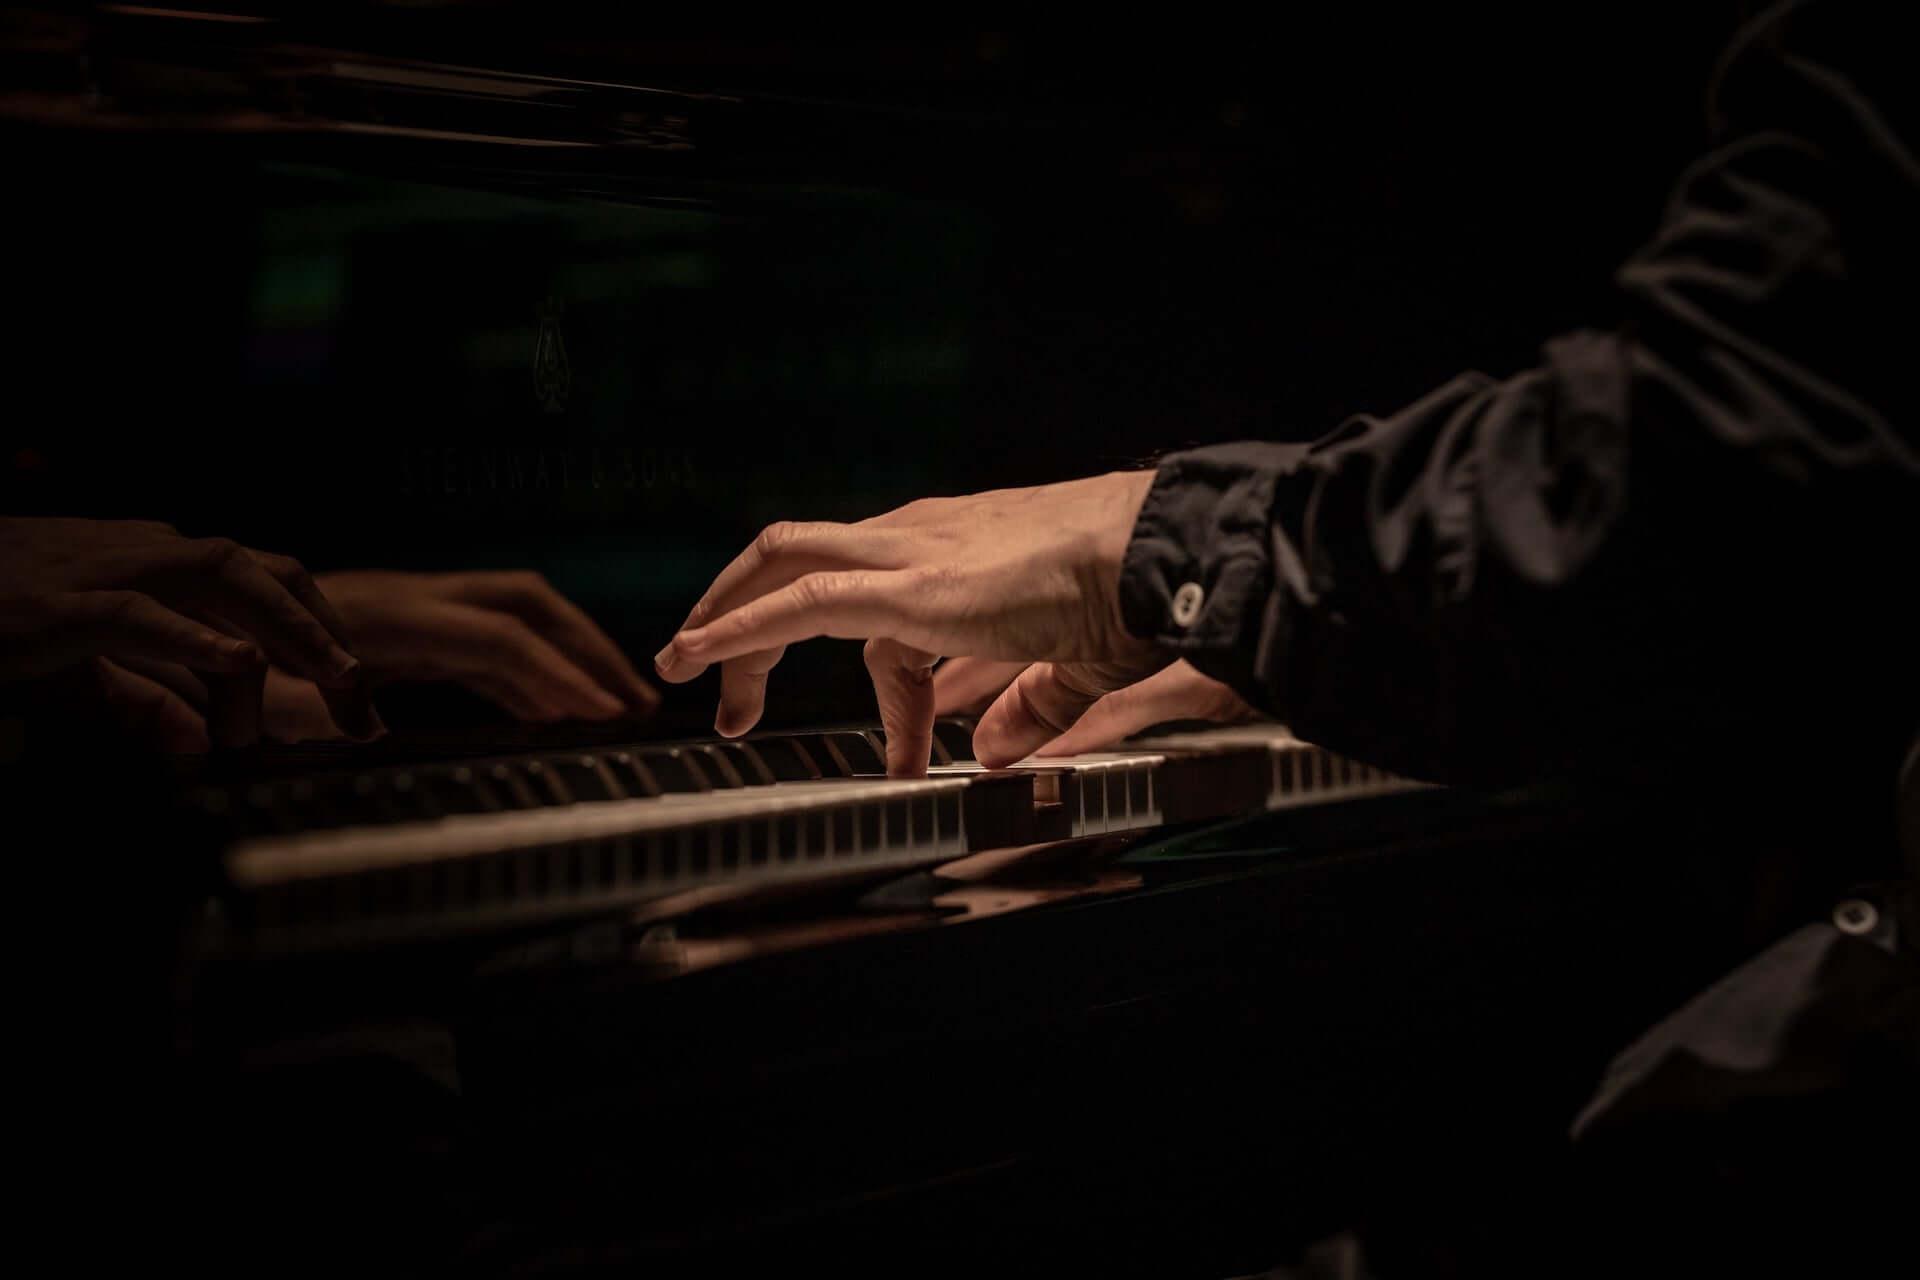 原 摩利彦の最新作『PASSION』が本日リリース|全15曲に寄せた本人のエッセイも大公開 music200605_marihikohara_18-1920x1280